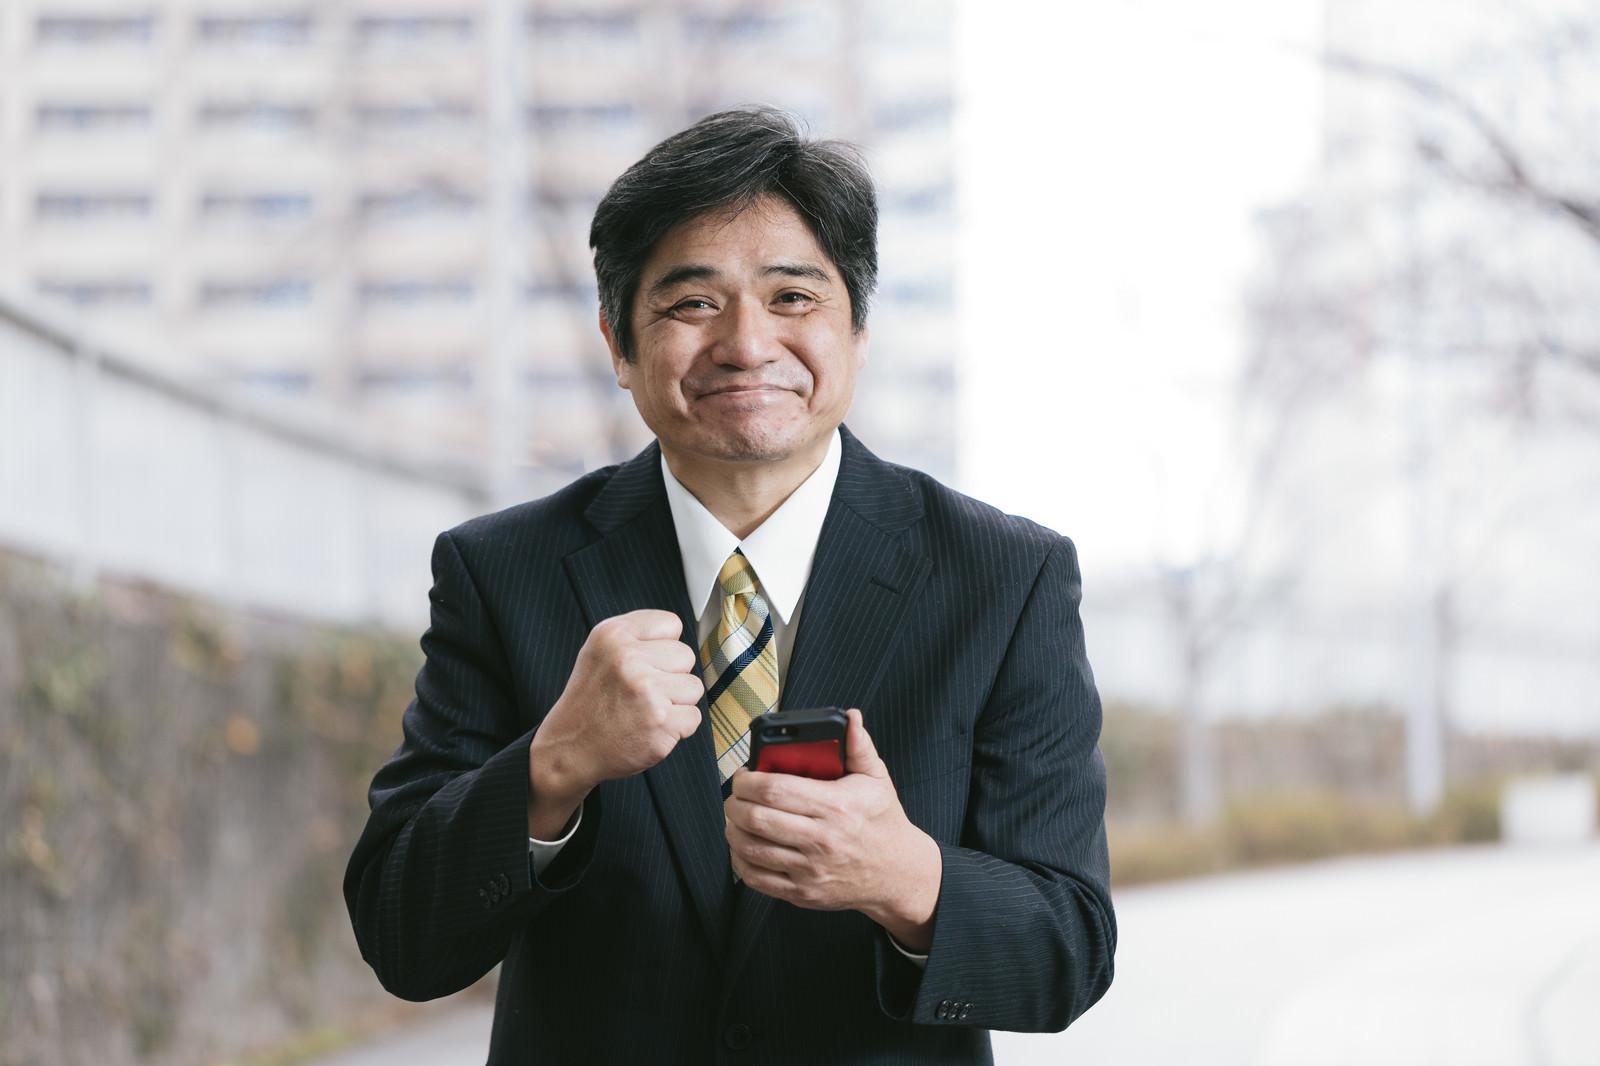 「今月の売り上げ目標を達成して喜ぶ管理職」の写真